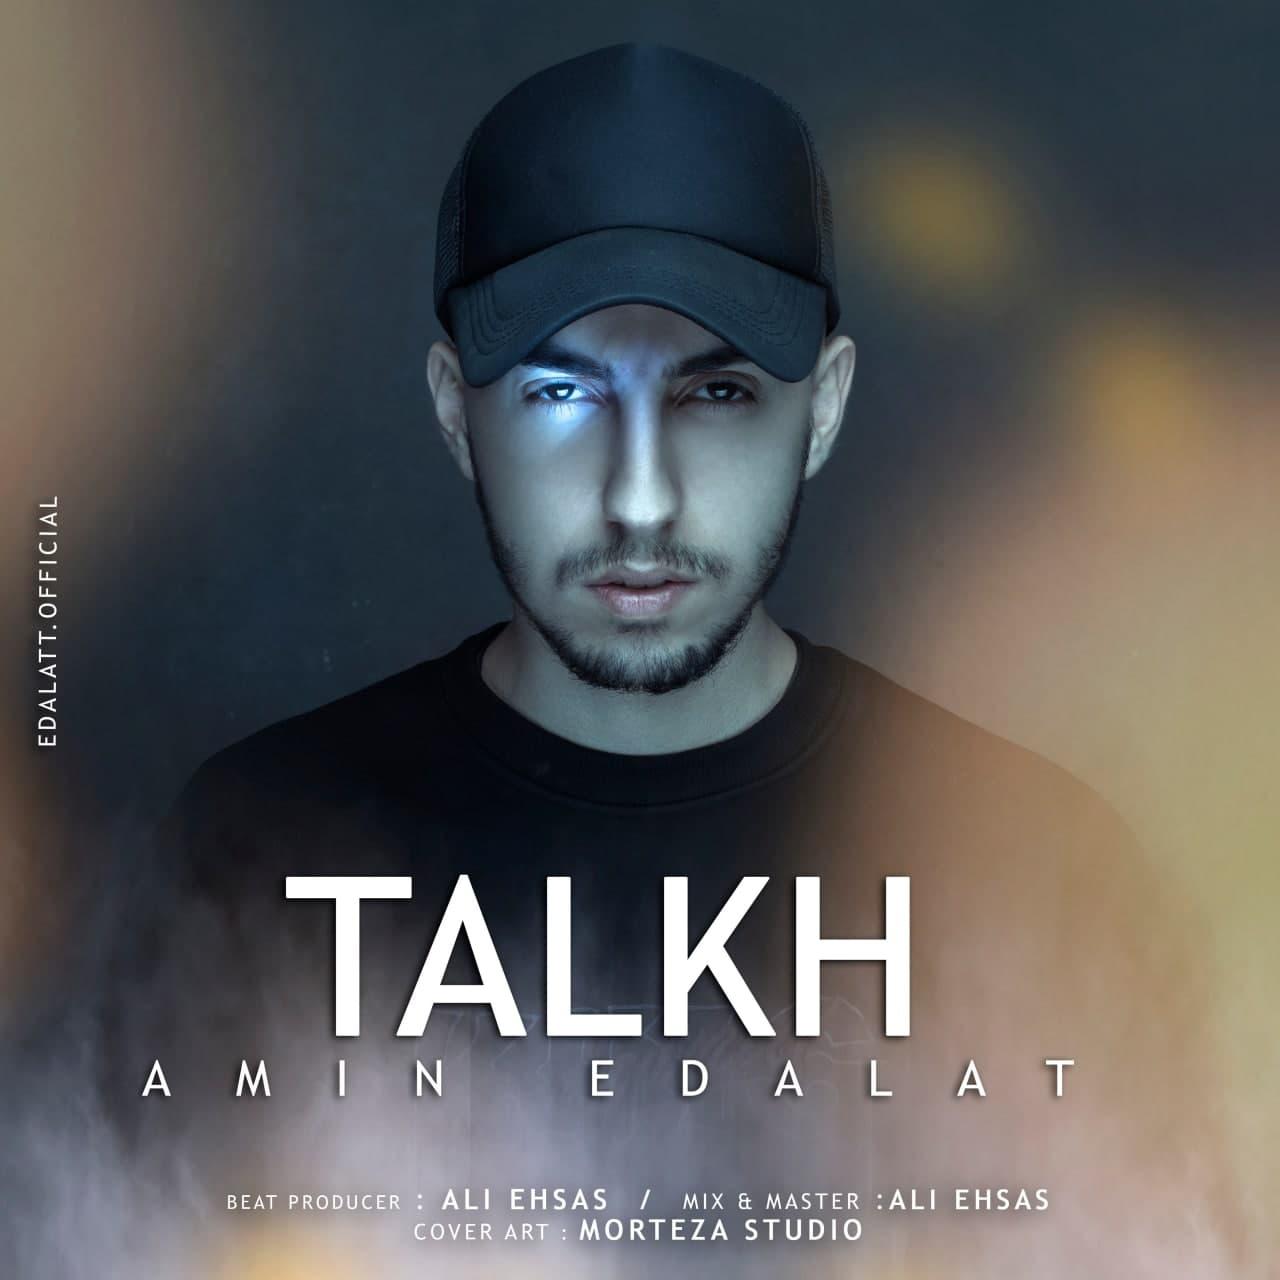 Amin Edalat – Talkh